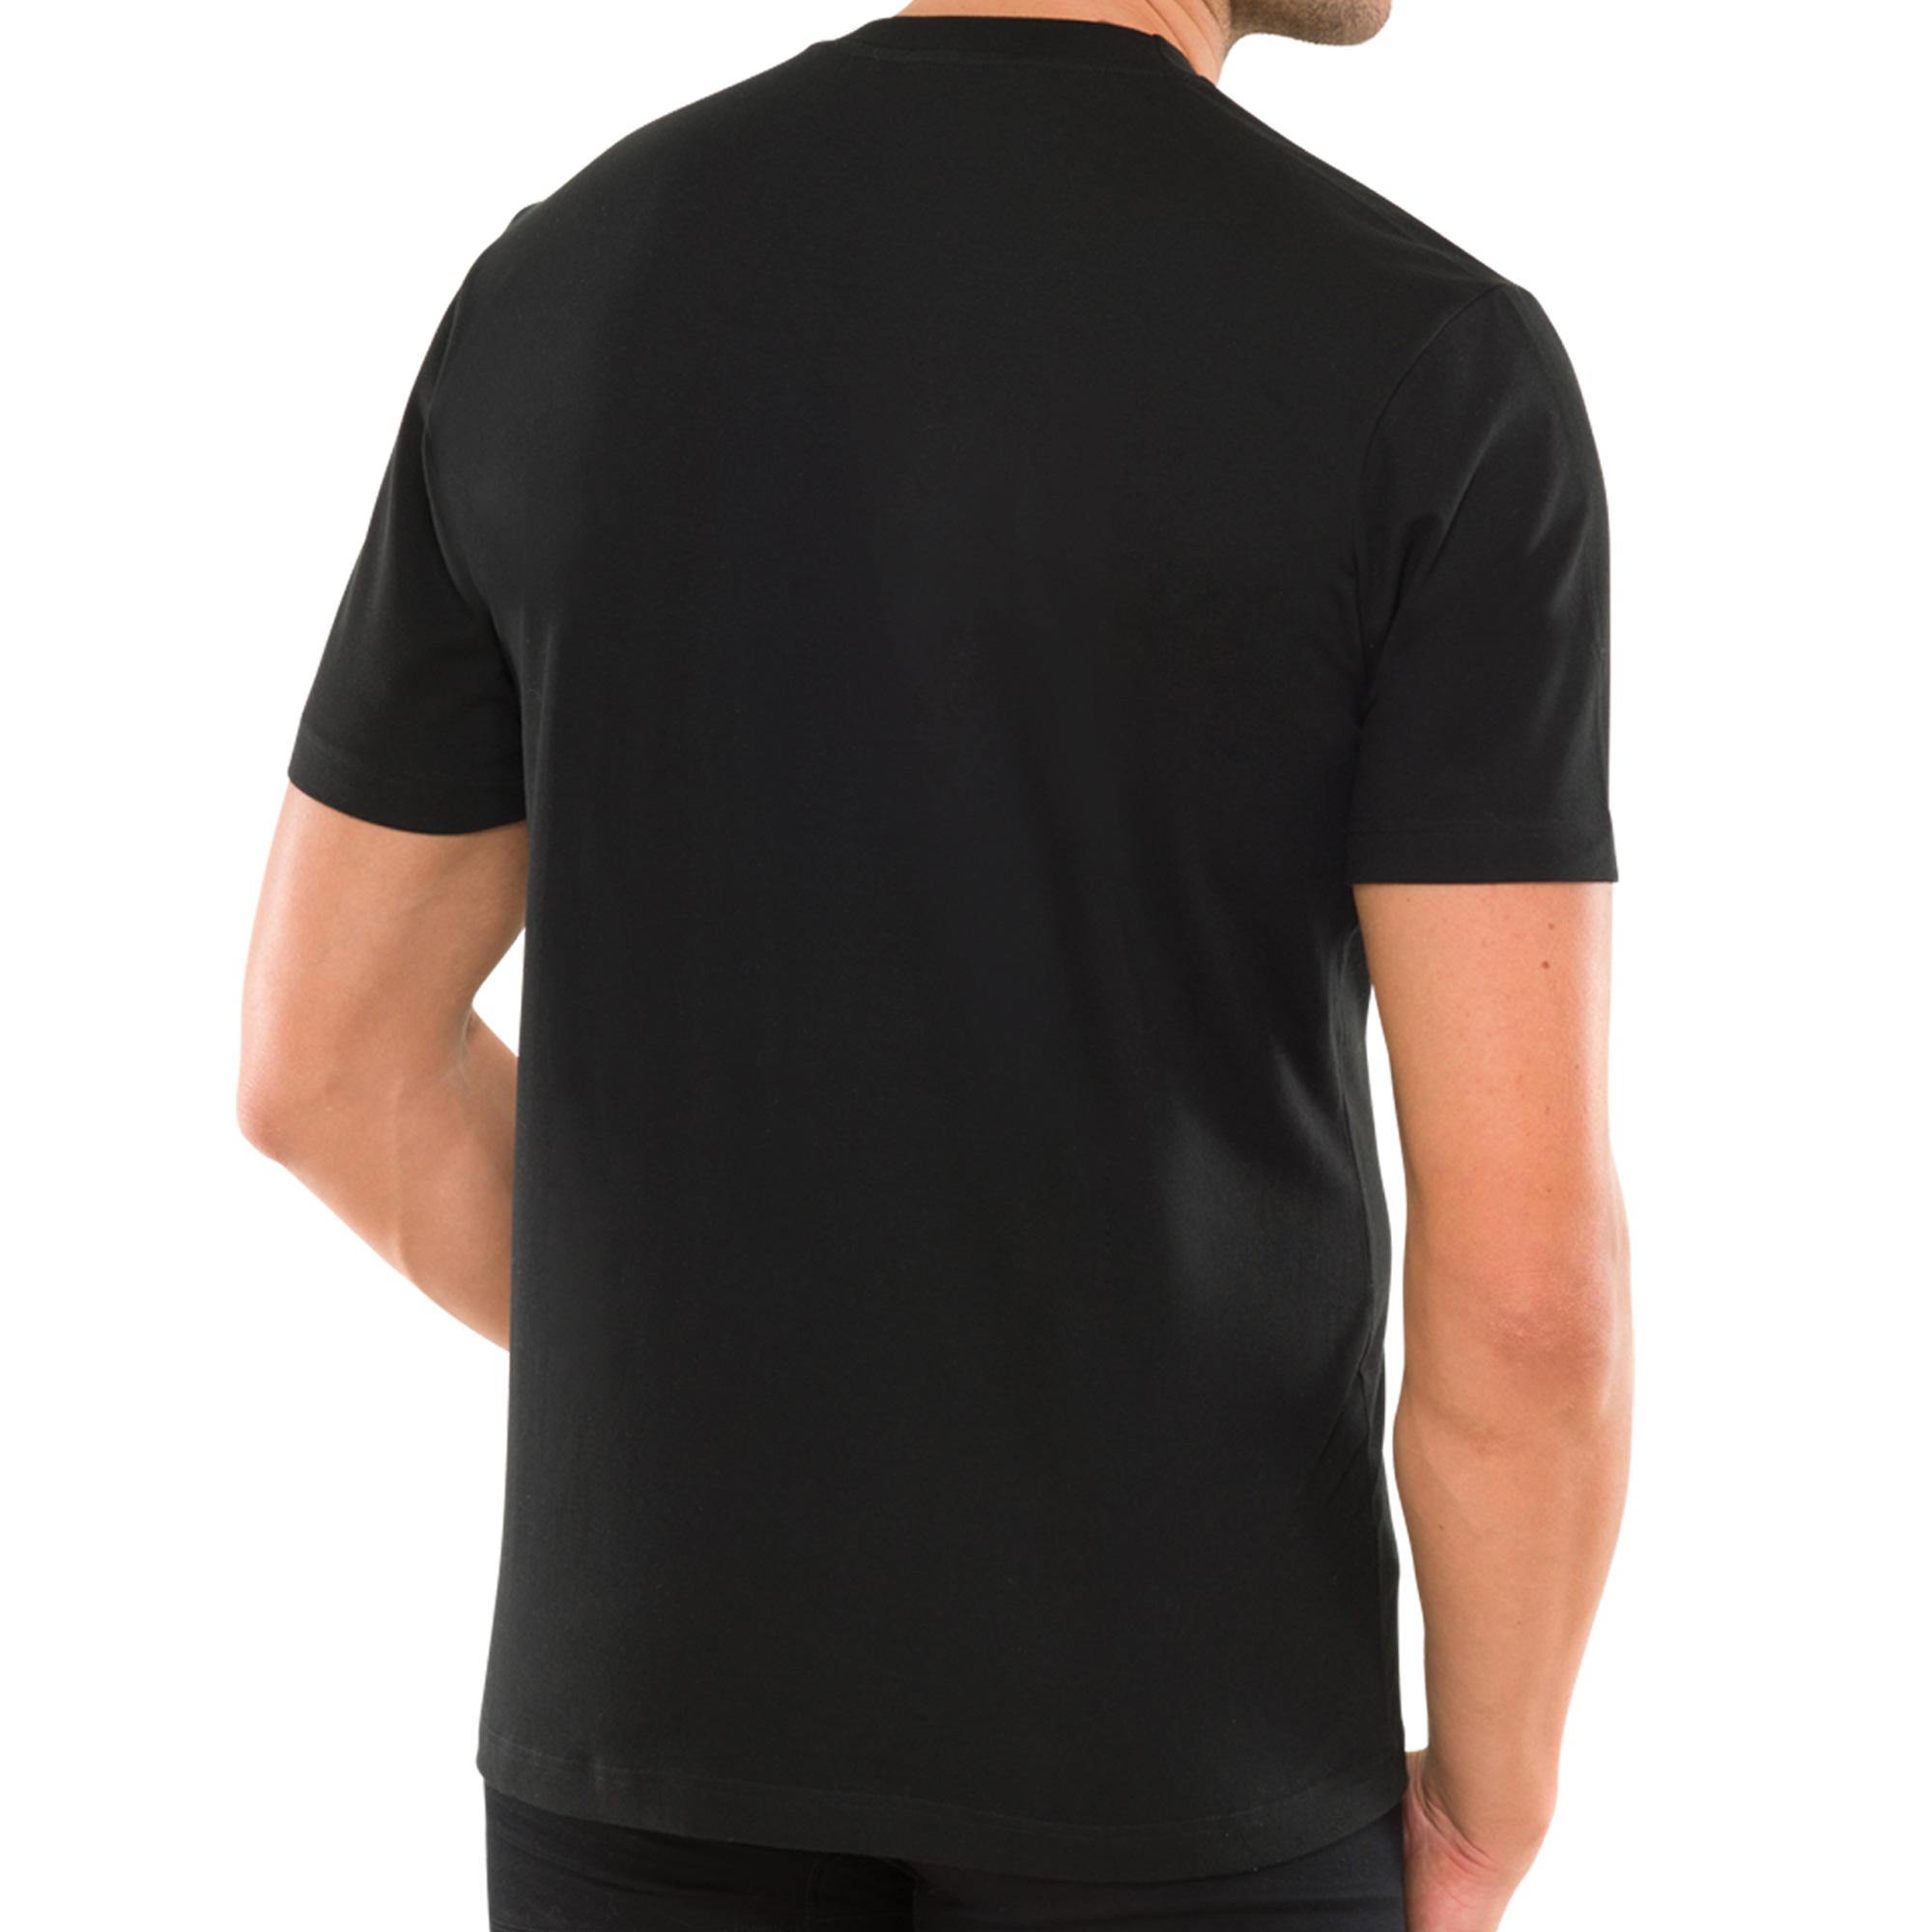 2er Pack Schiesser Herren American T- Shirt mit Rundhals – Bild 6